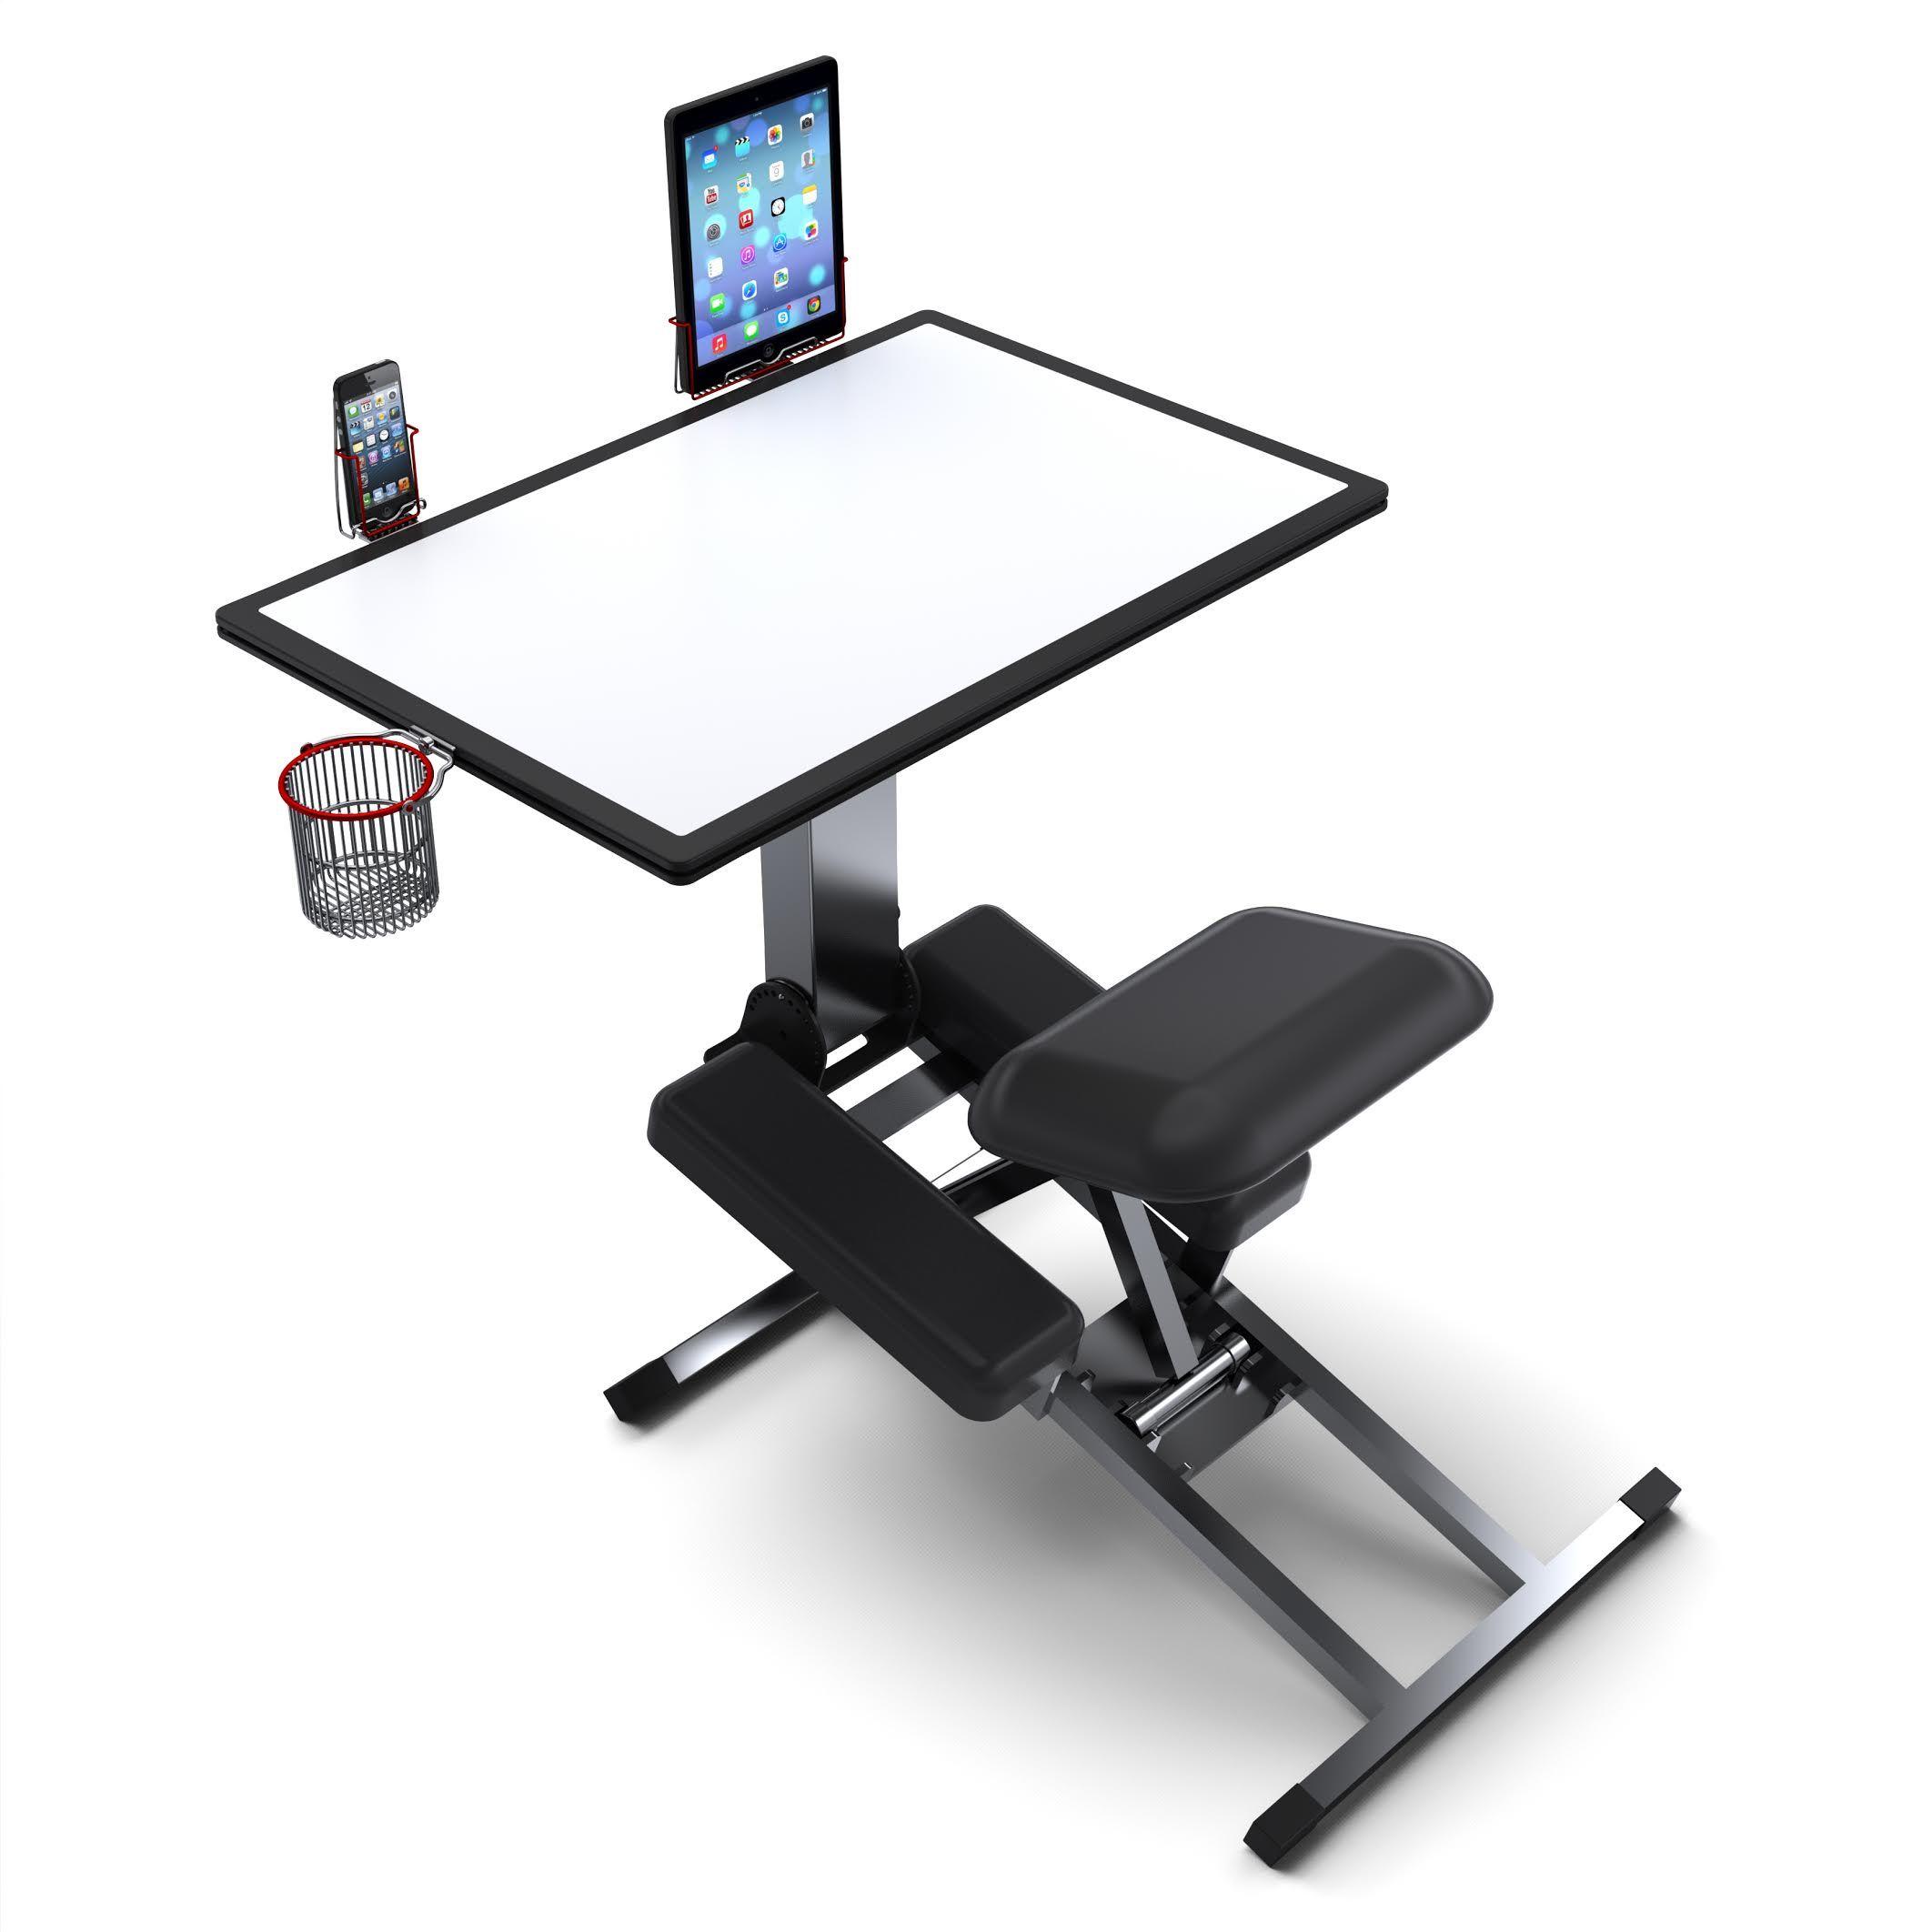 The Edge Desk Desk or Artist Easel that flattens